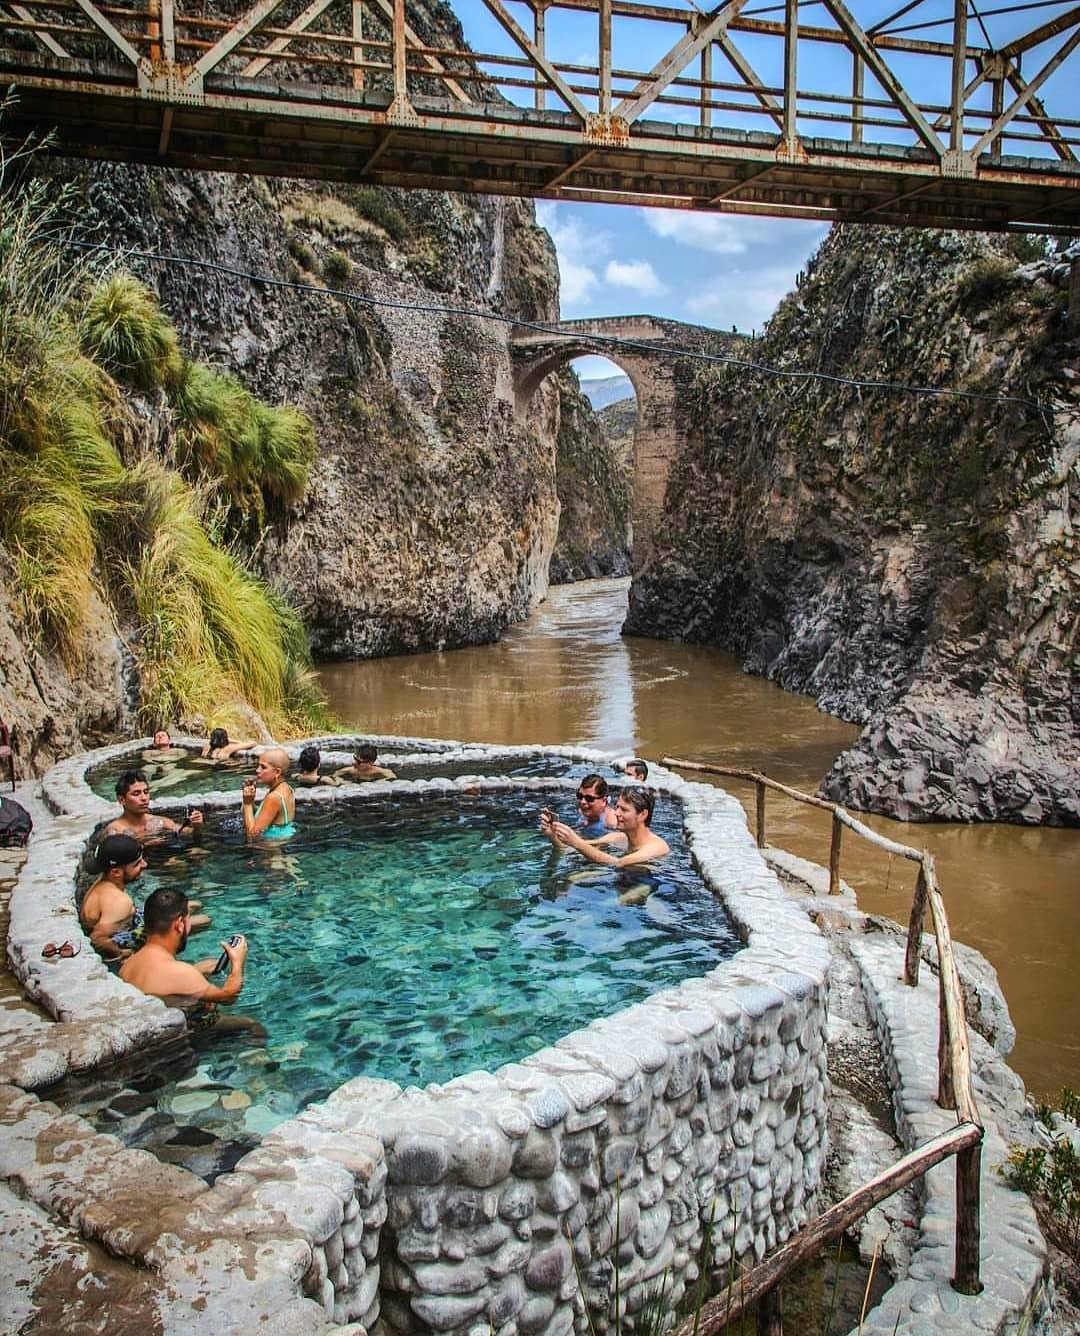 Baños Termales de Chacapi. Foto: hype-hub.com